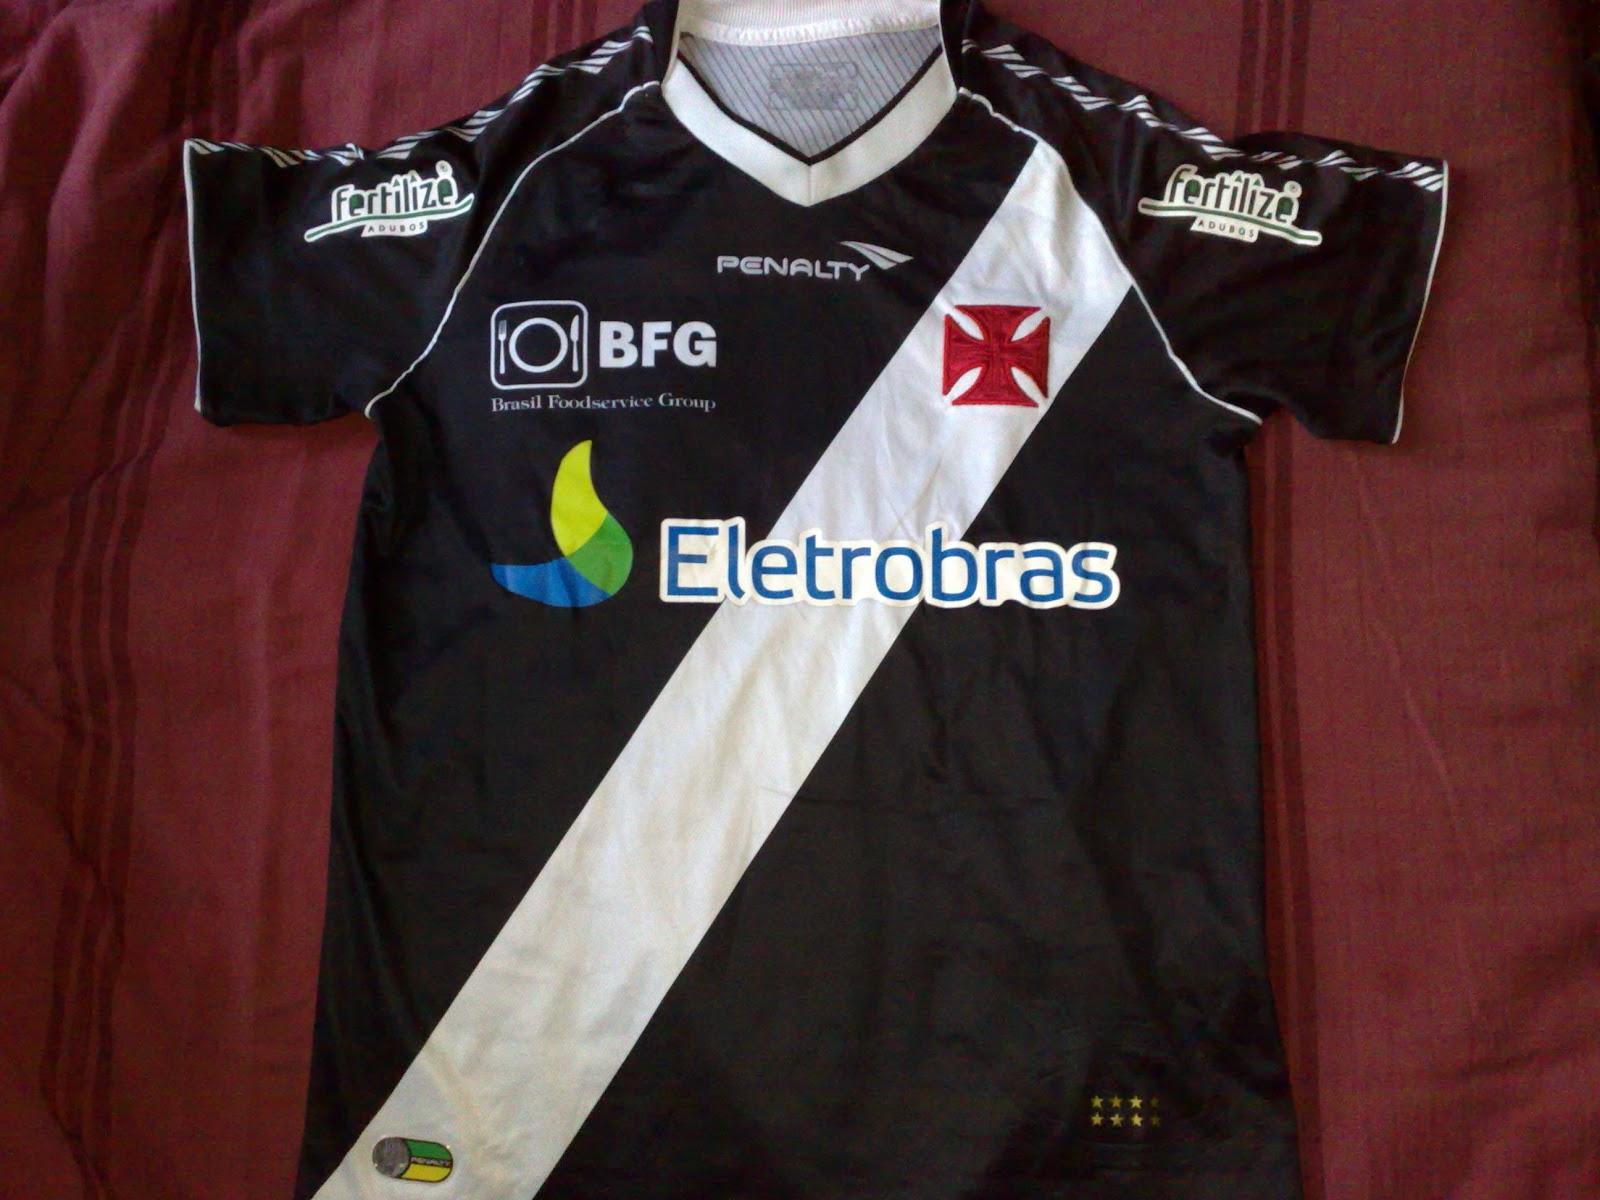 Camisas do Vasco da Gama  2012- Penalty (Fertilize) e776d420a7c70